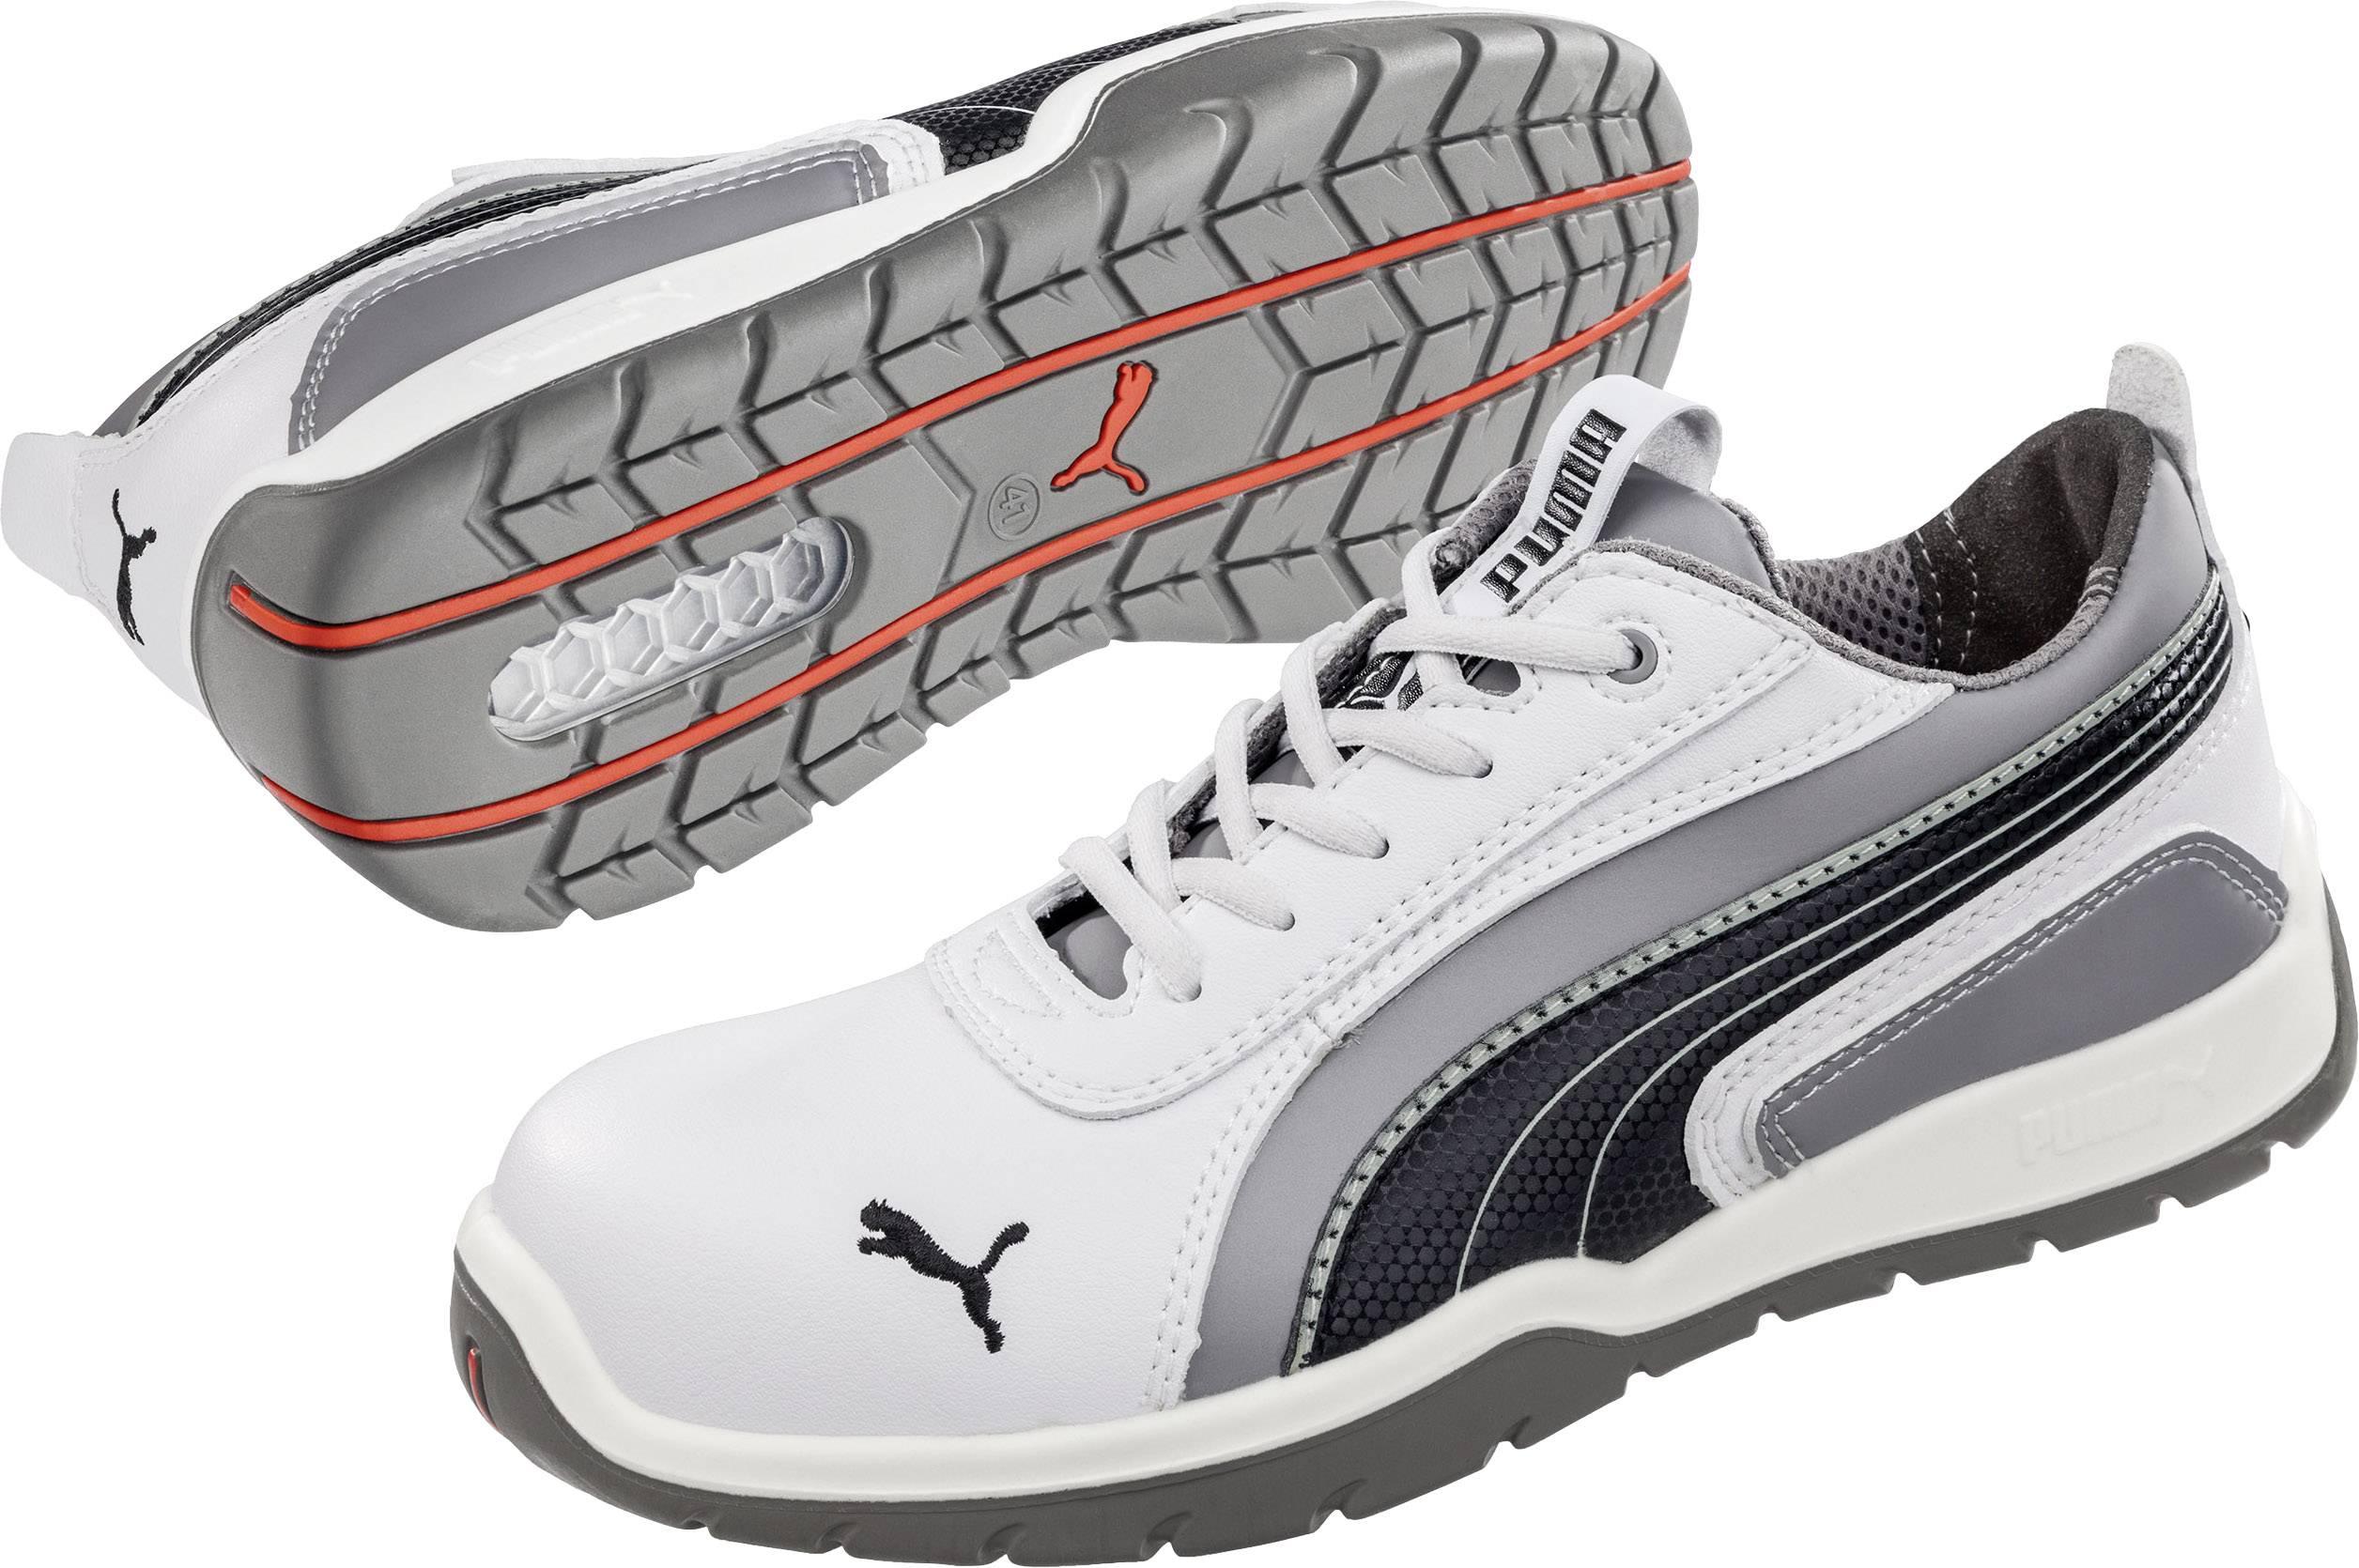 Bezpečnostná obuv S3 PUMA Safety Monaco Low 642650, veľ.: 43, biela, sivá, 1 pár